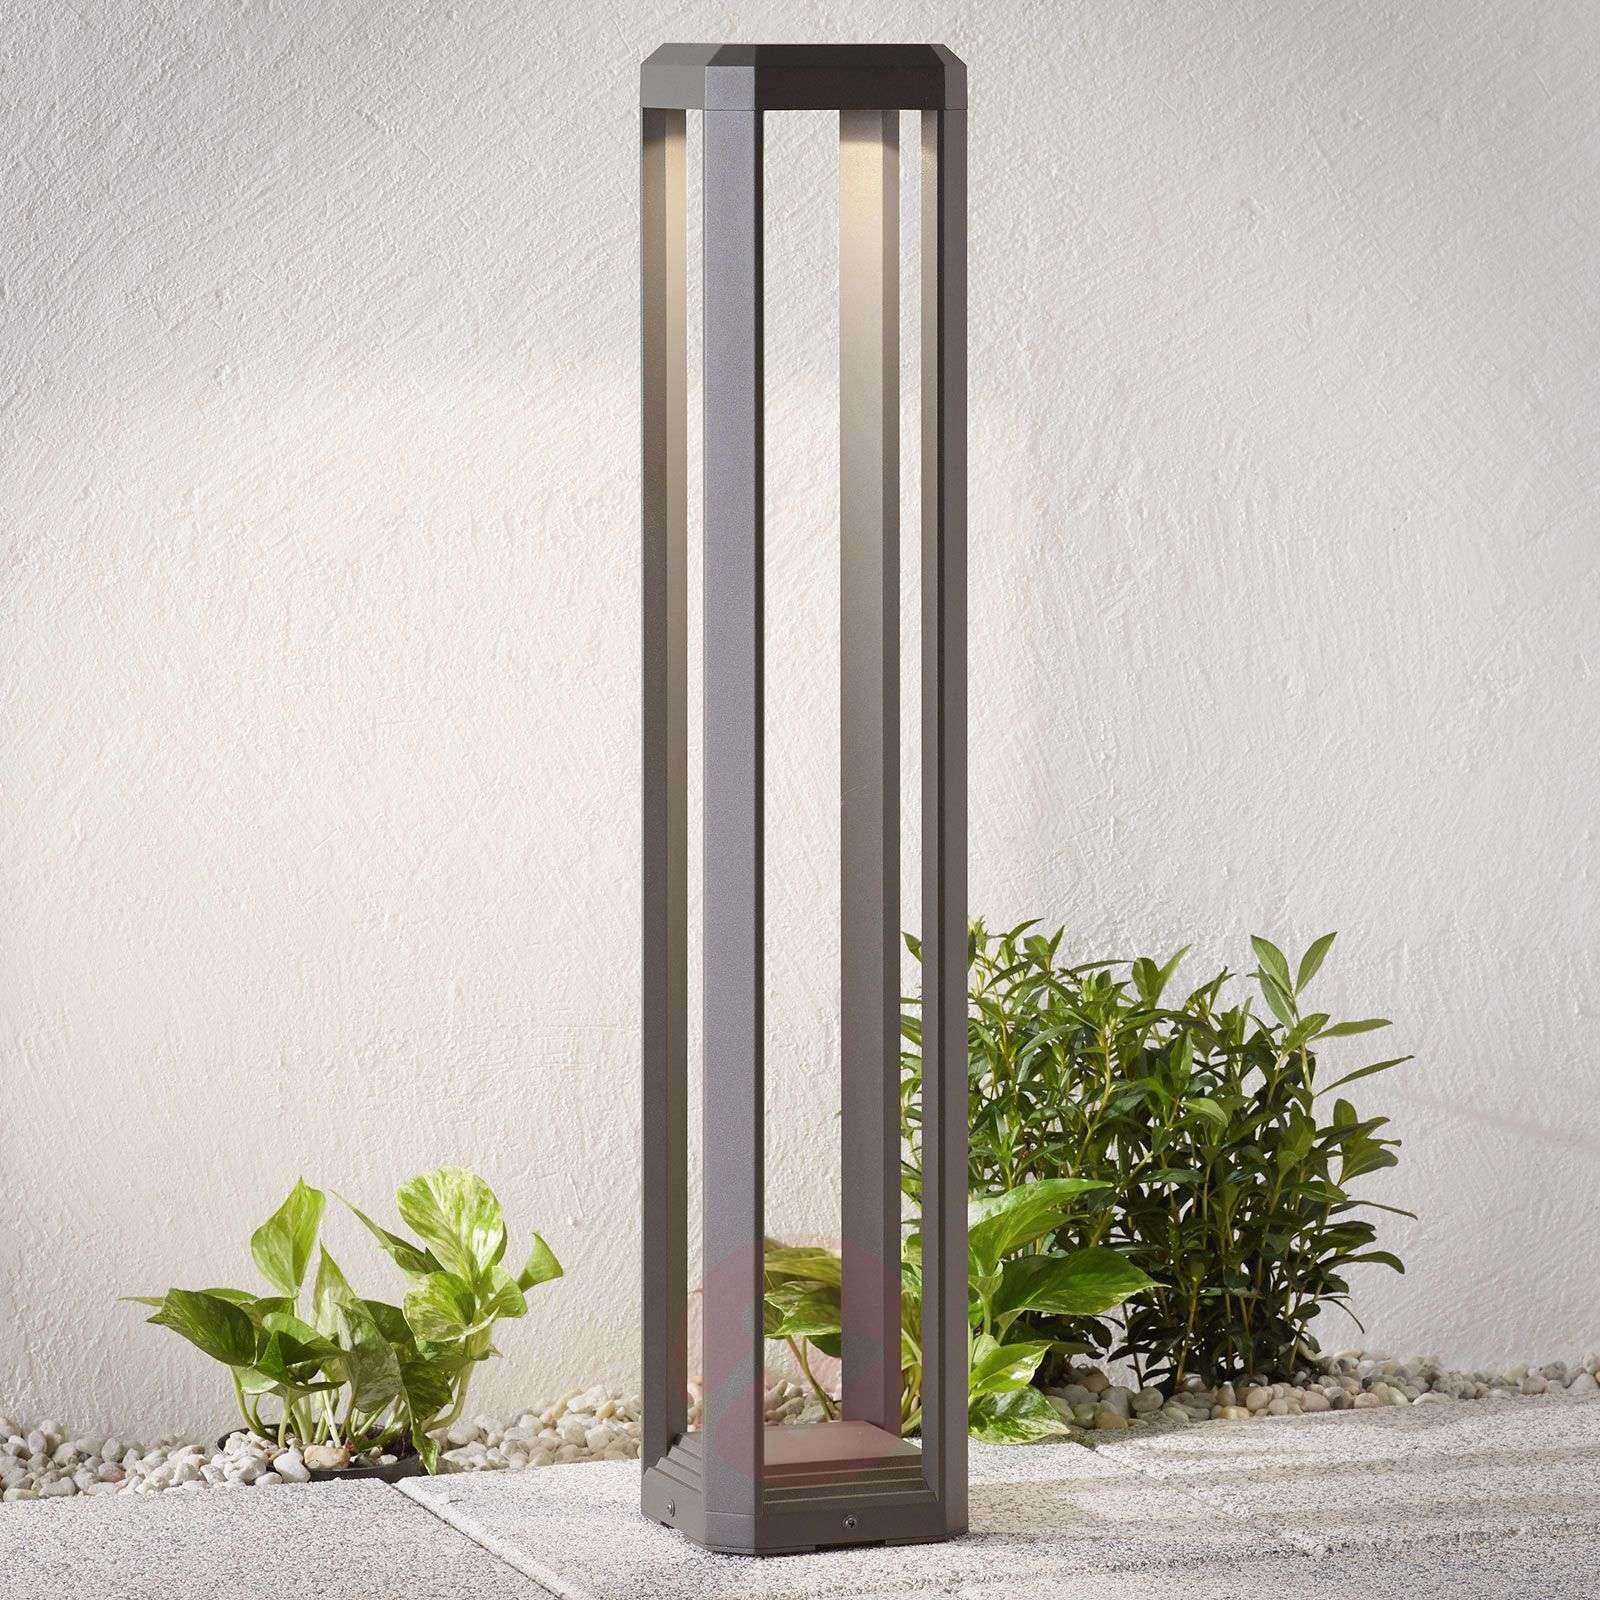 LED-pylväsvalaisin Fery, antrasiitti, 80 cm-8032190-03